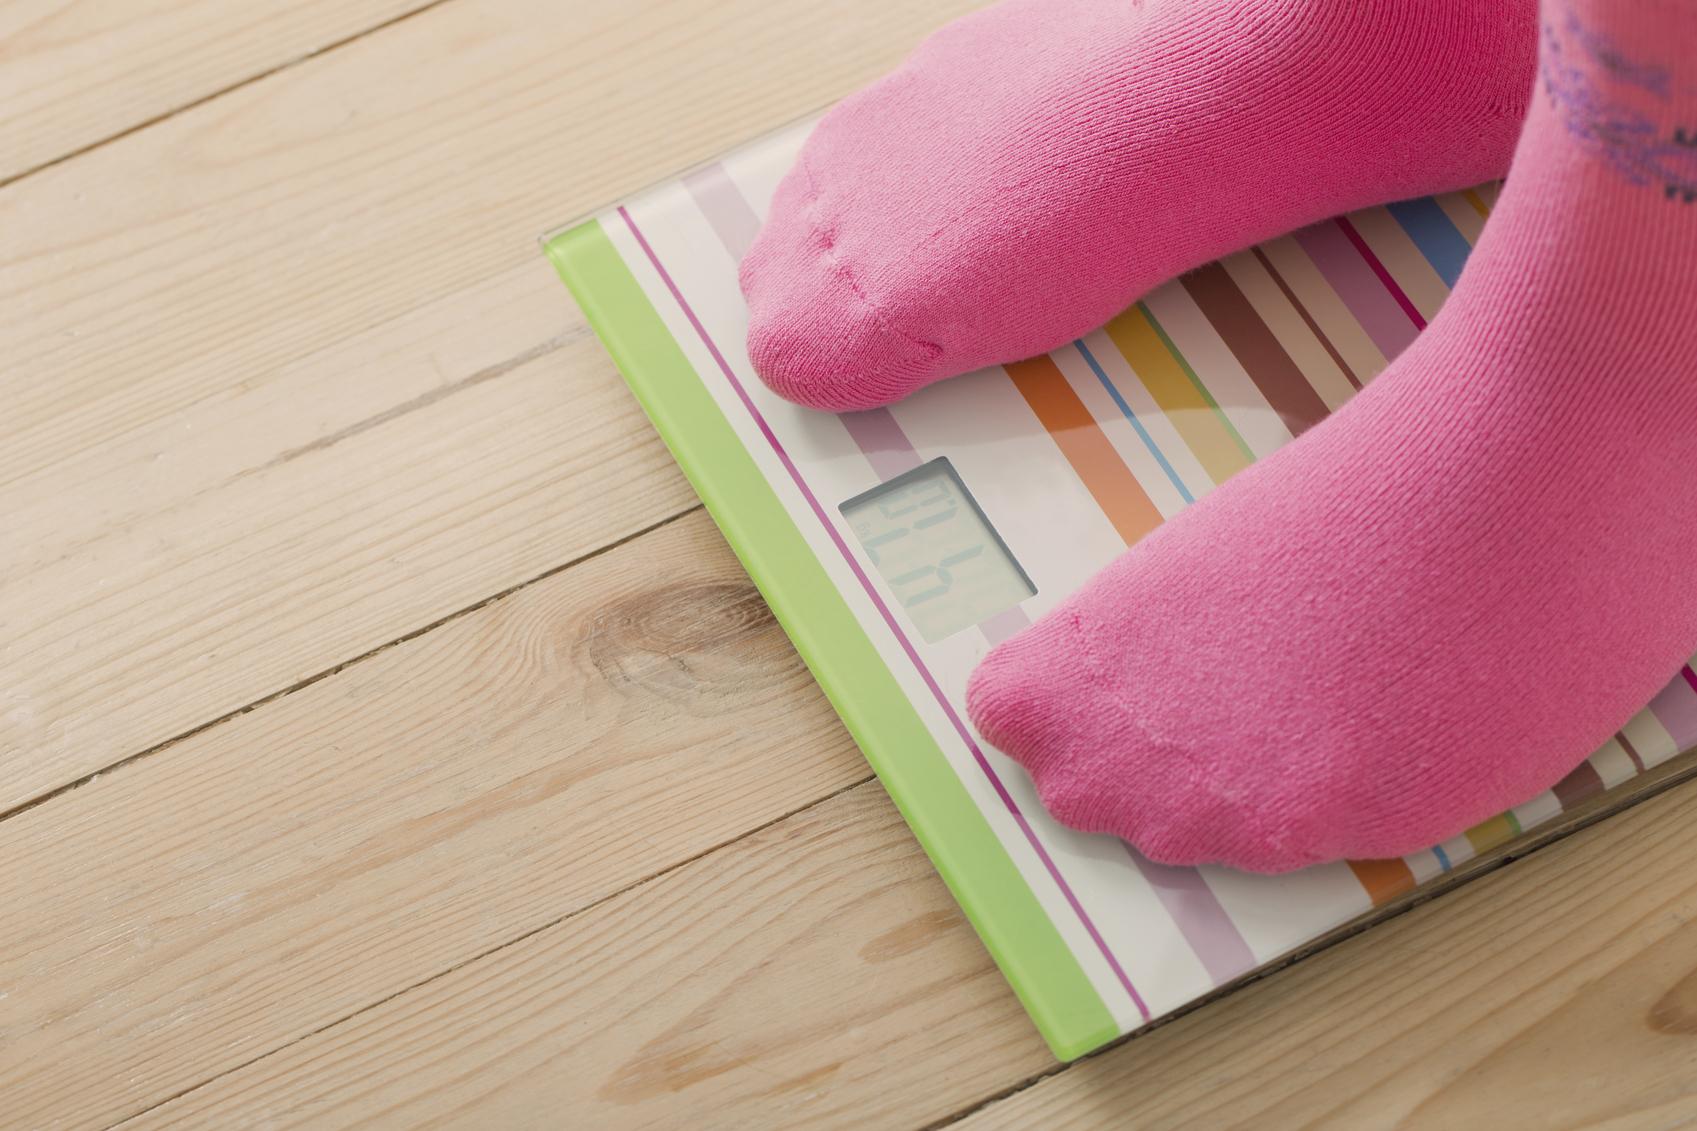 Вагомі причини втрати ваги, які можуть сигналізувати про проблеми зі здоров'ям